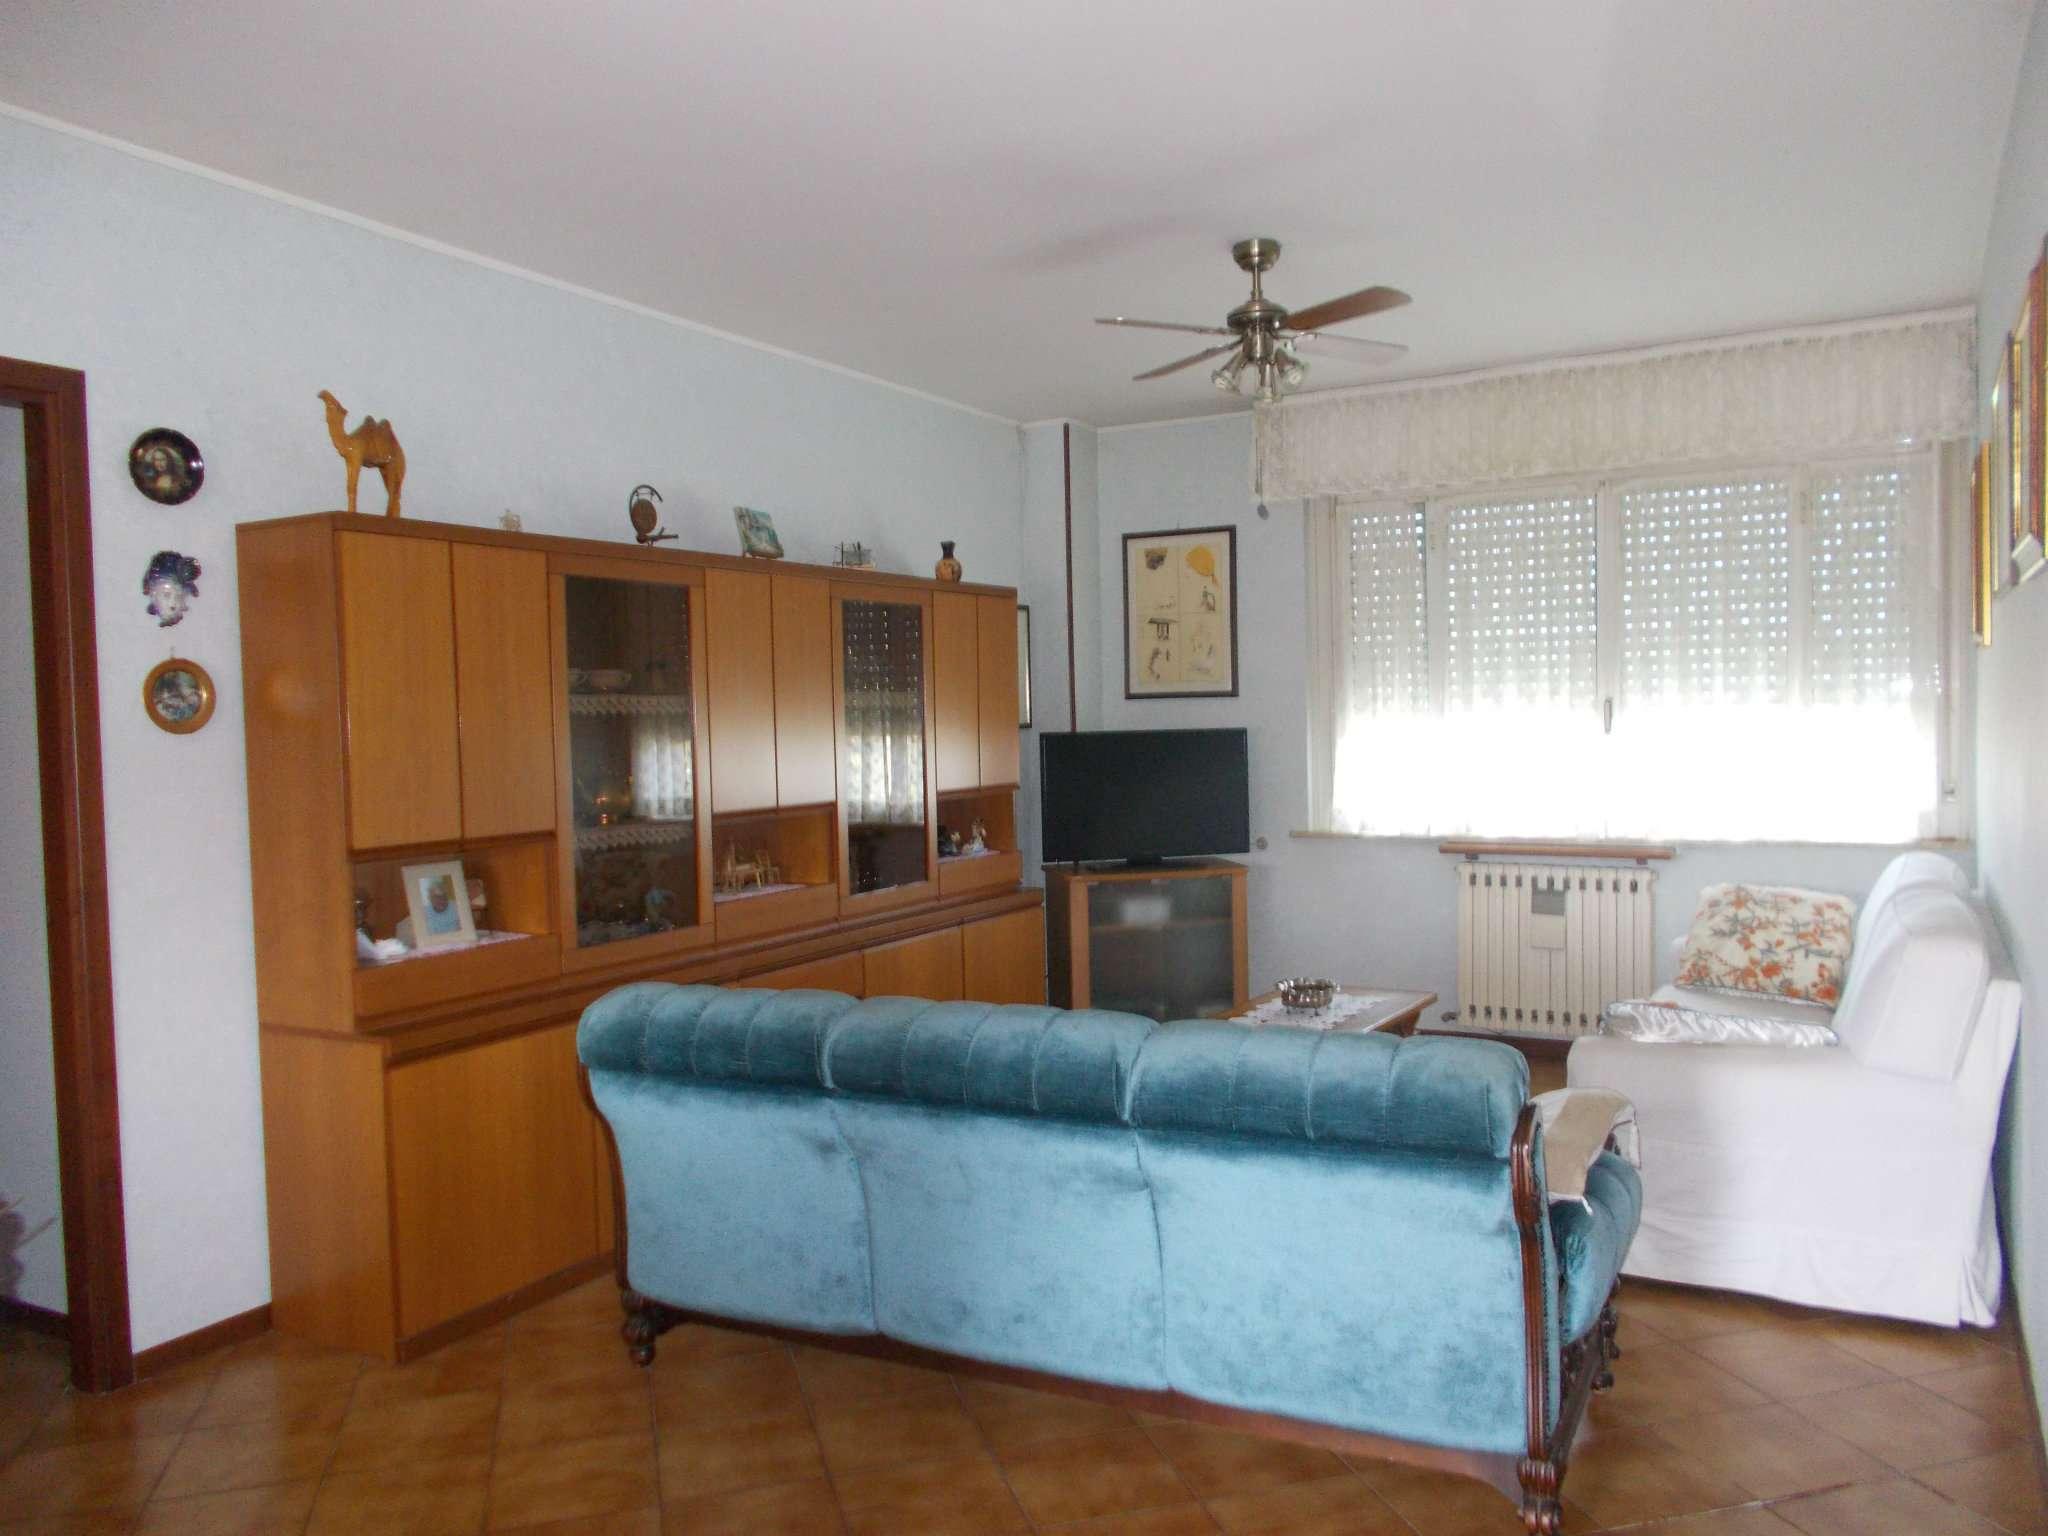 Appartamento in vendita a Quattro Castella, 4 locali, prezzo € 125.000   CambioCasa.it